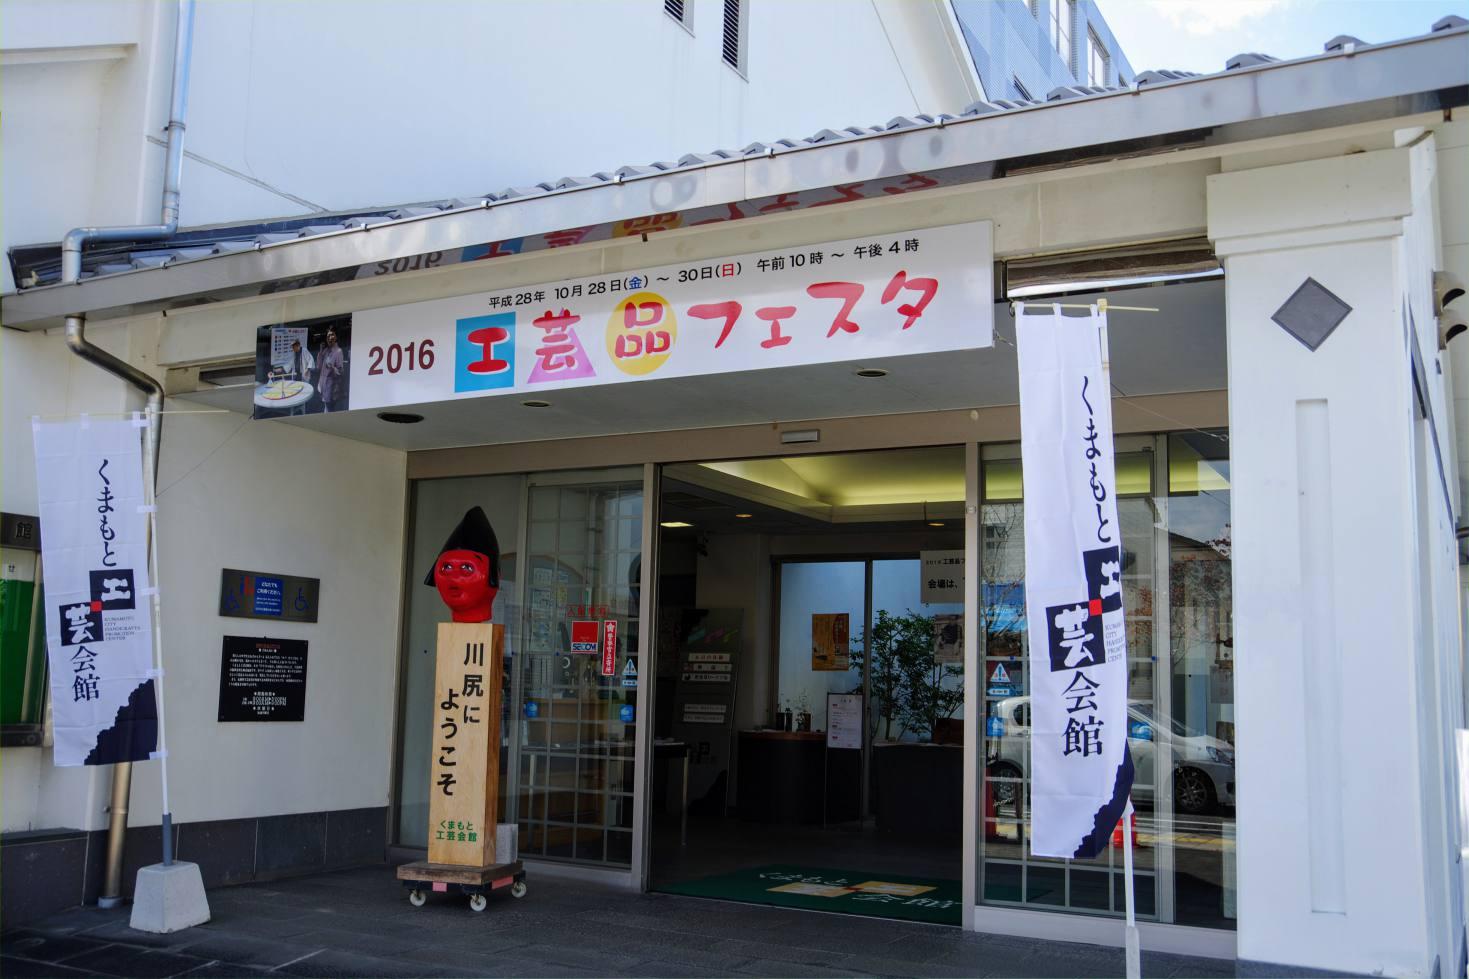 川尻のくまもと工芸会館なら工芸品の購入や手作りを体験可能だった!